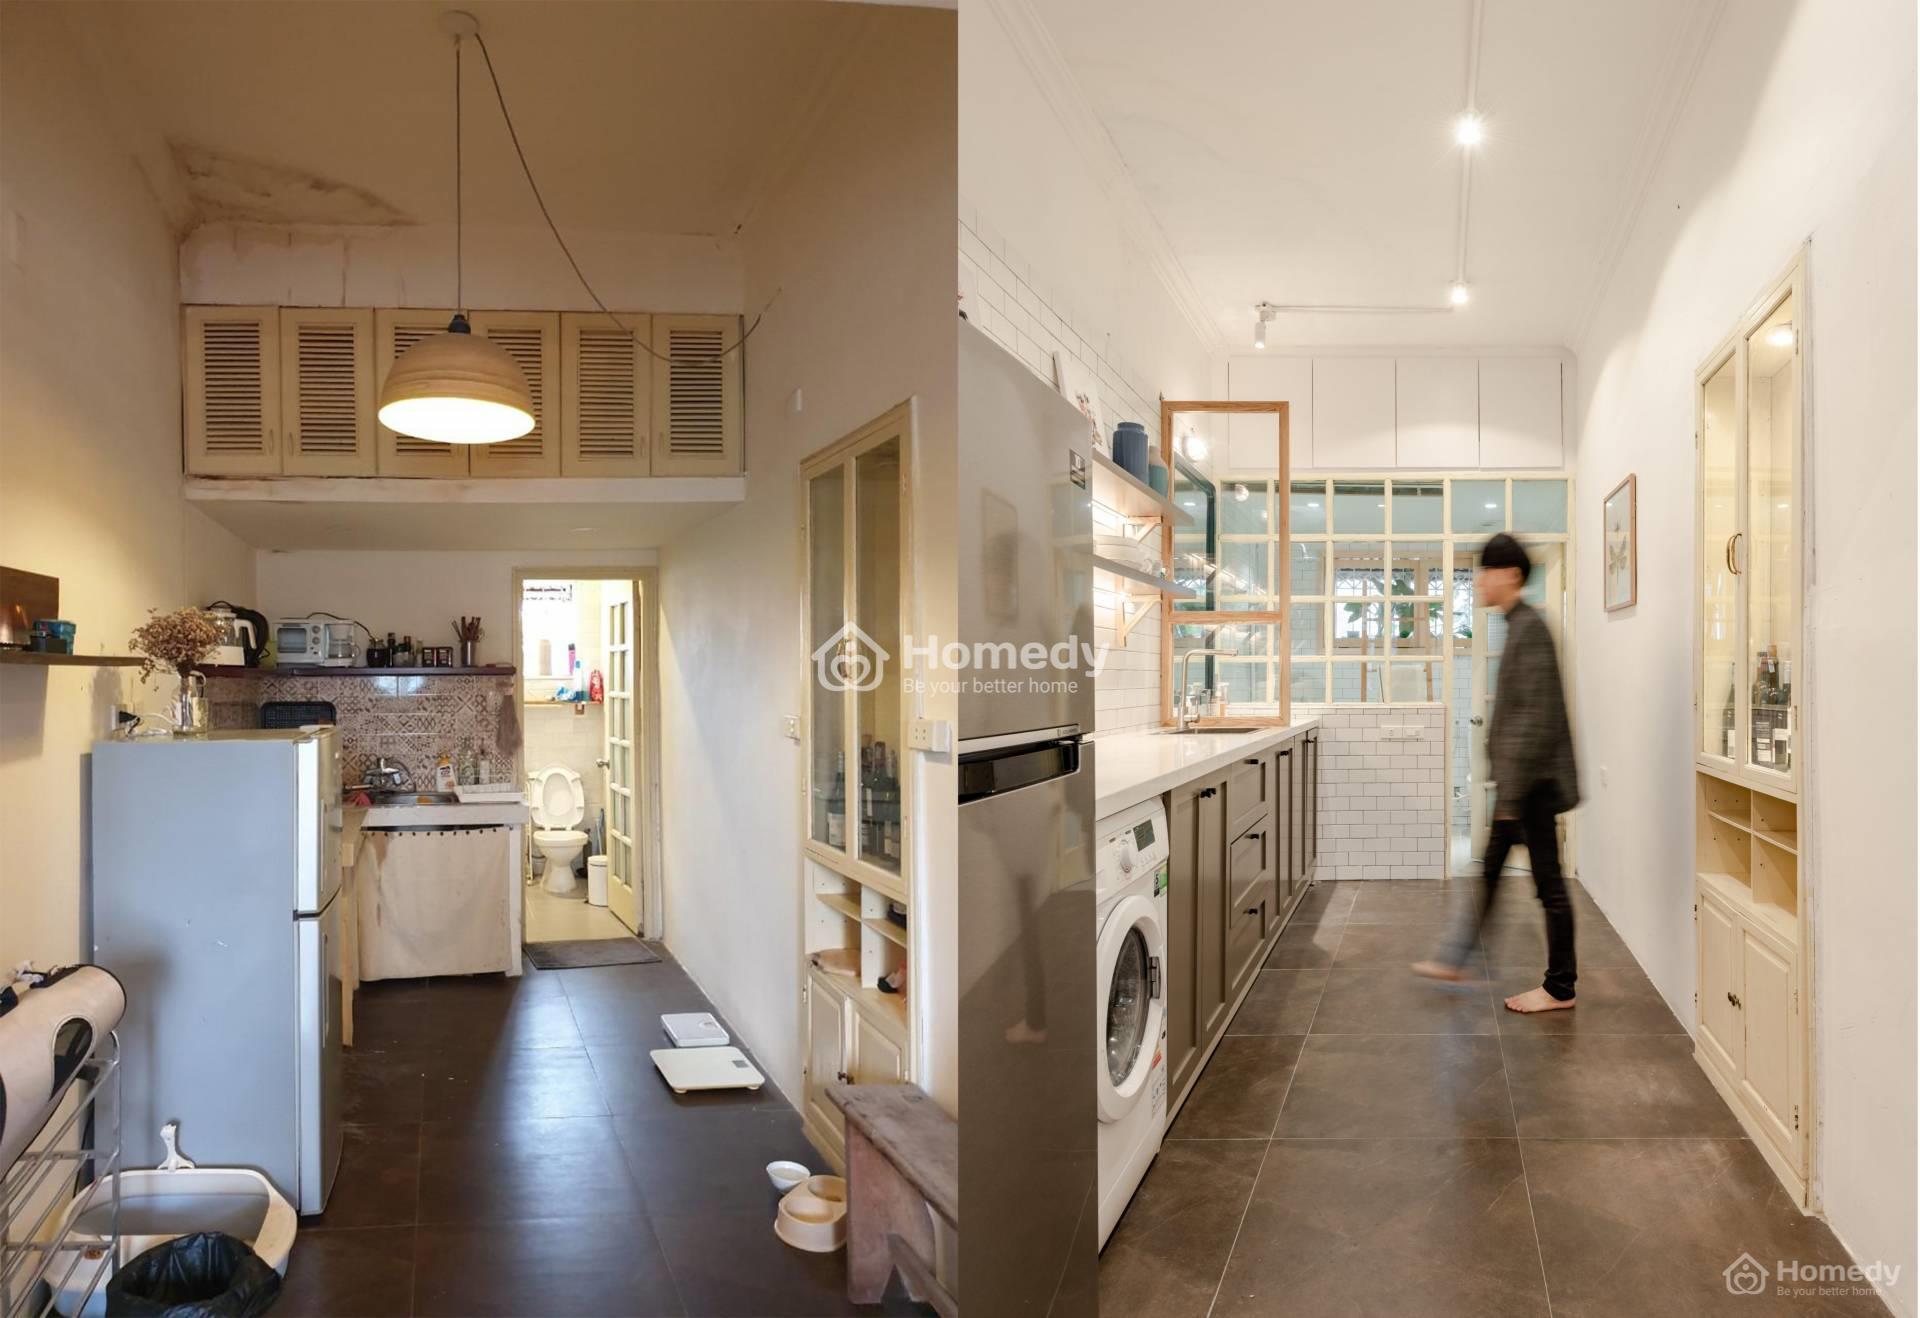 Cho thuê nhà tập thể dưới dạng homestay